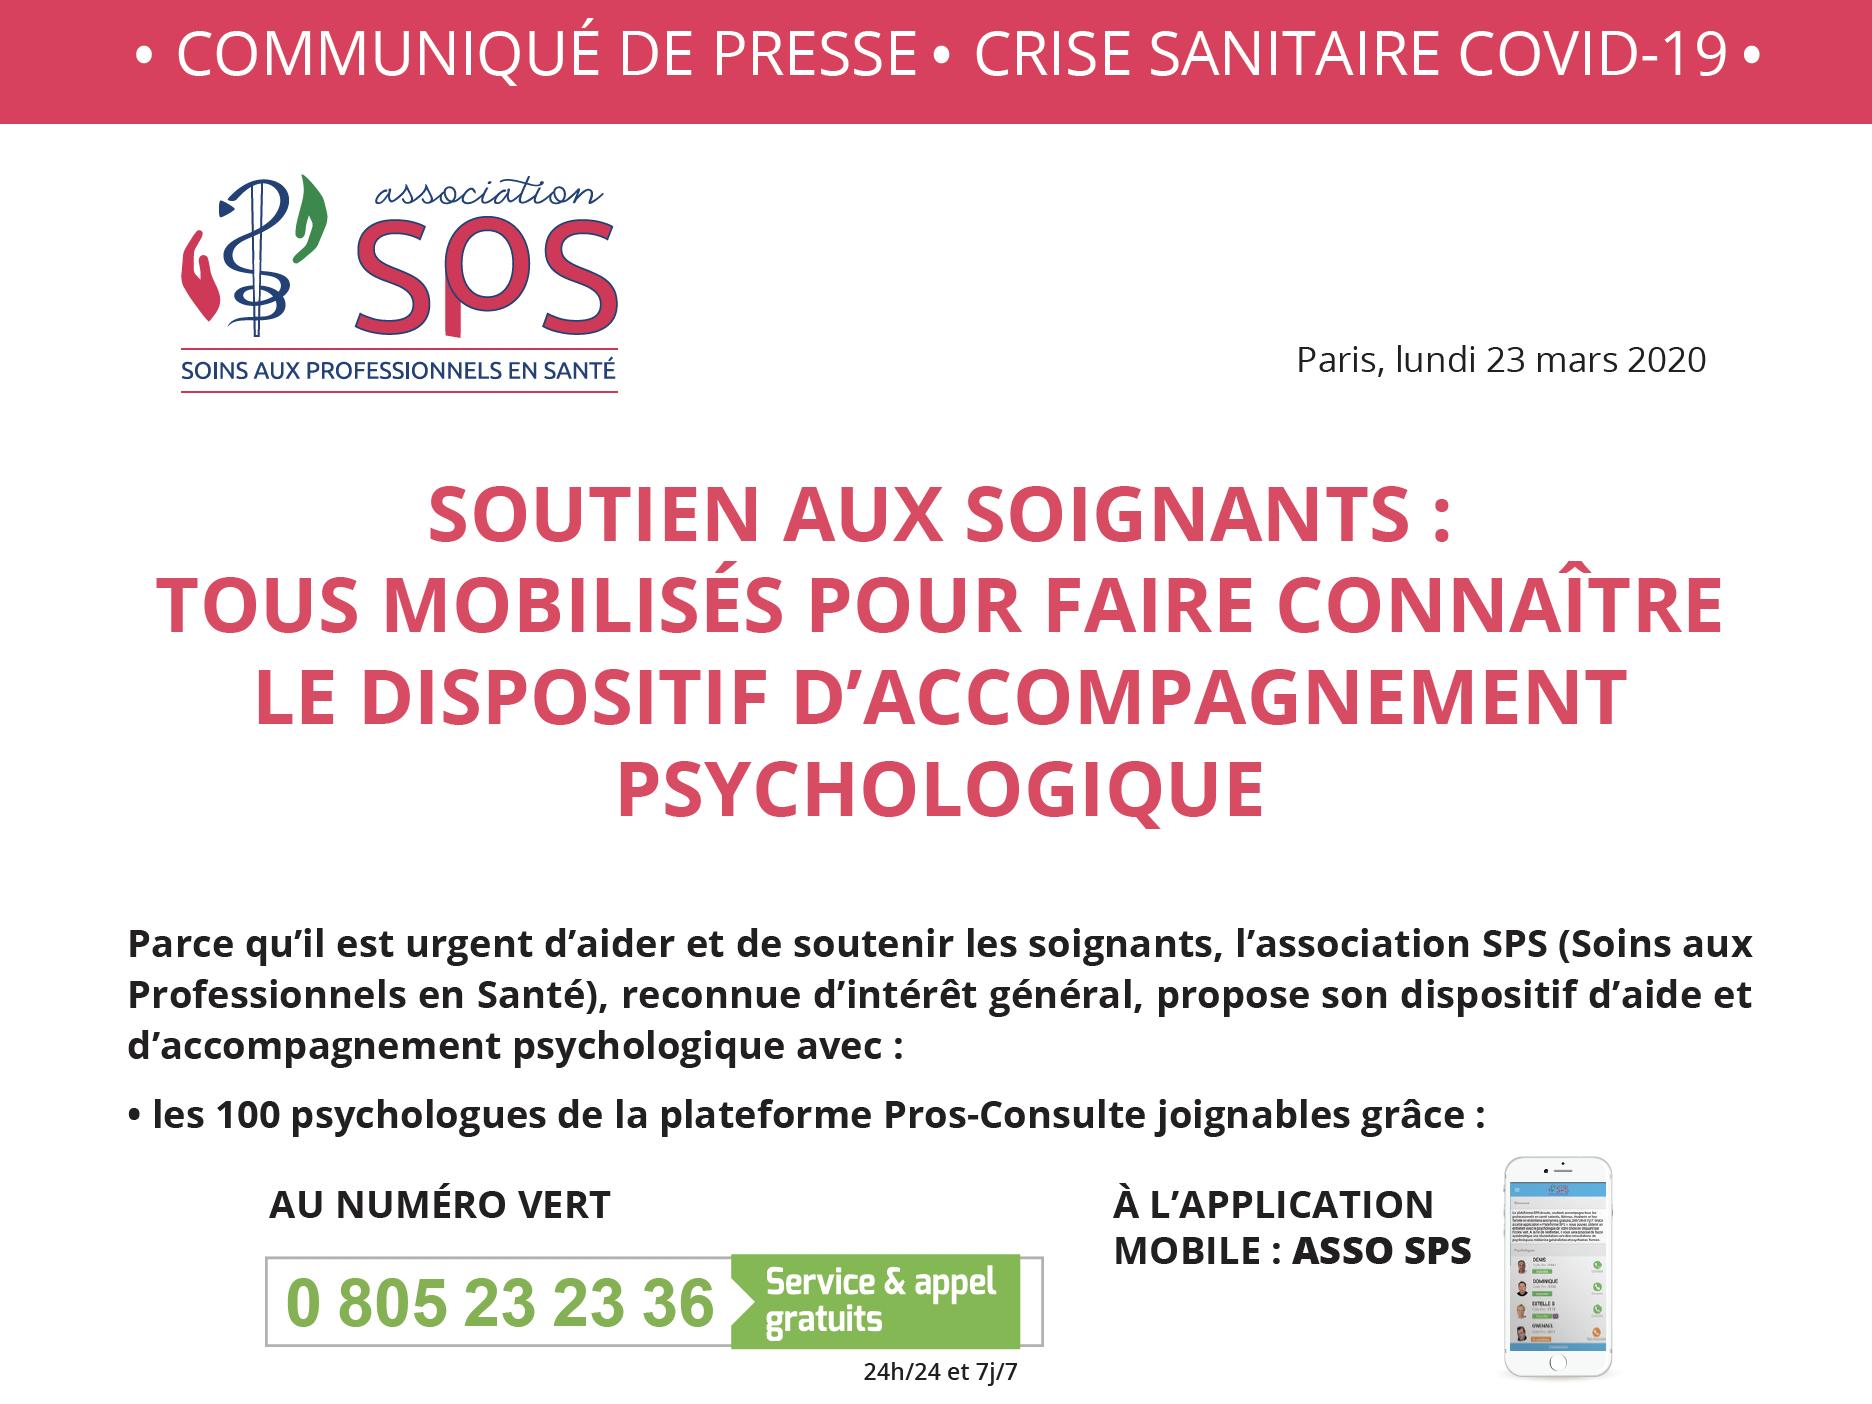 CRISE SANITAIRE COVID-19 - SOUTIEN AUX SOIGNANTS